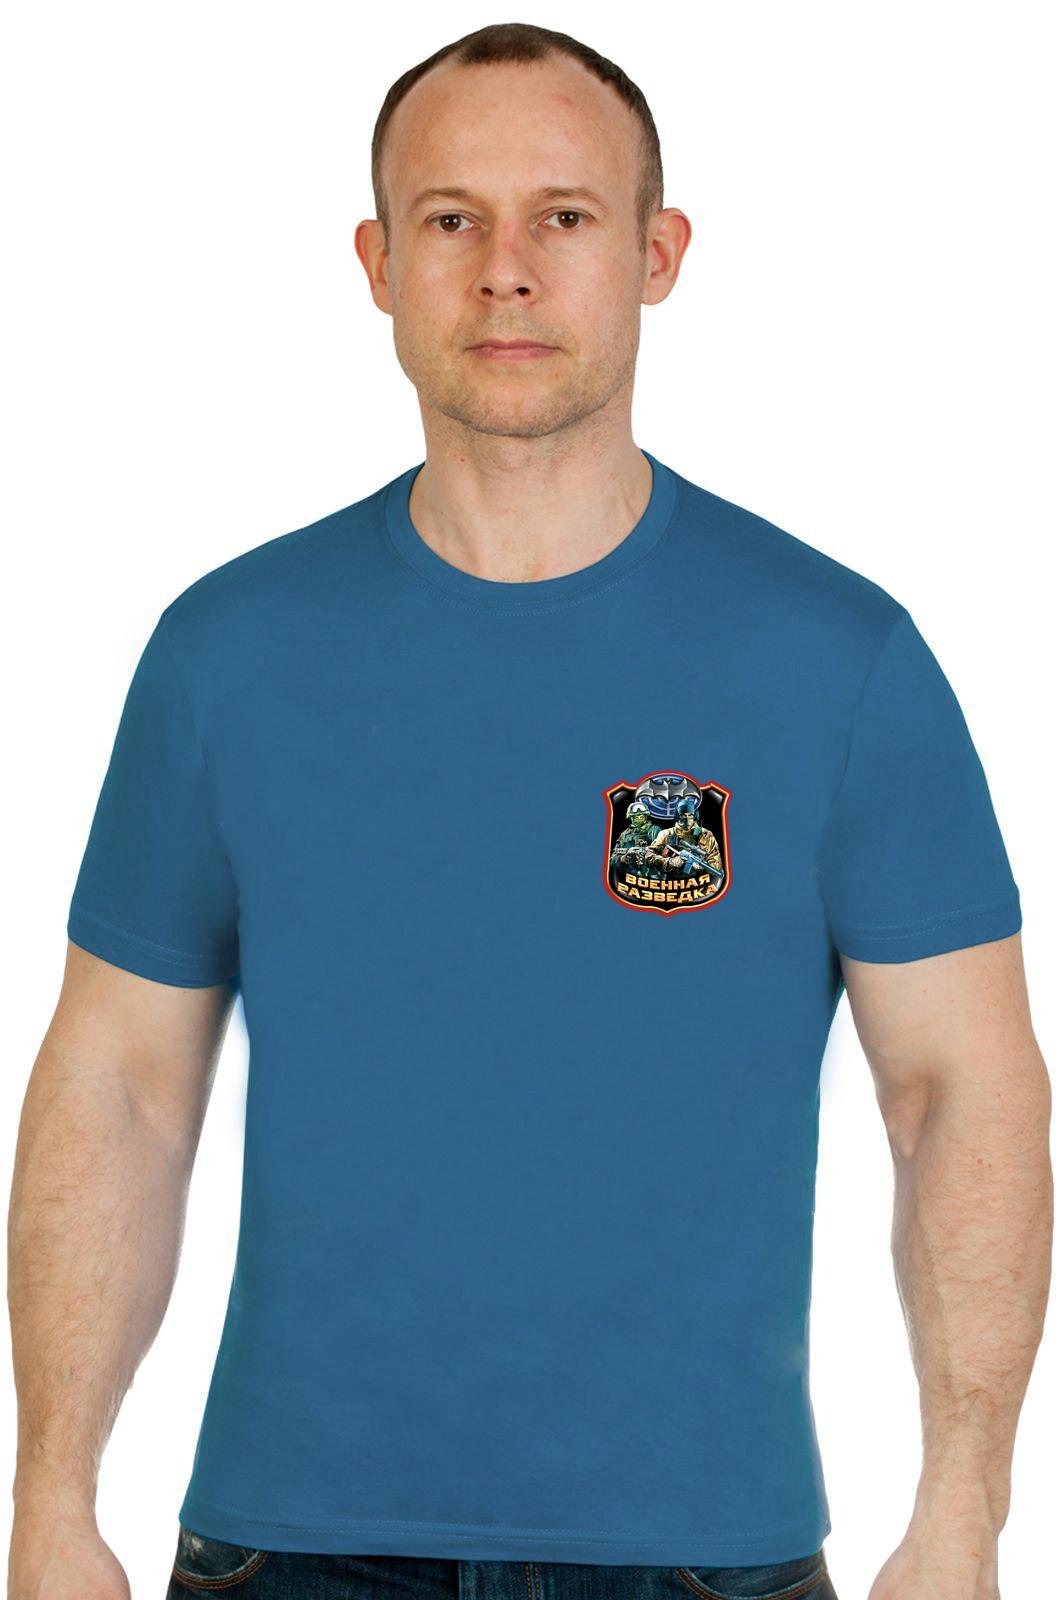 Заказать актуальную футболку военного разведчика по низкой цене